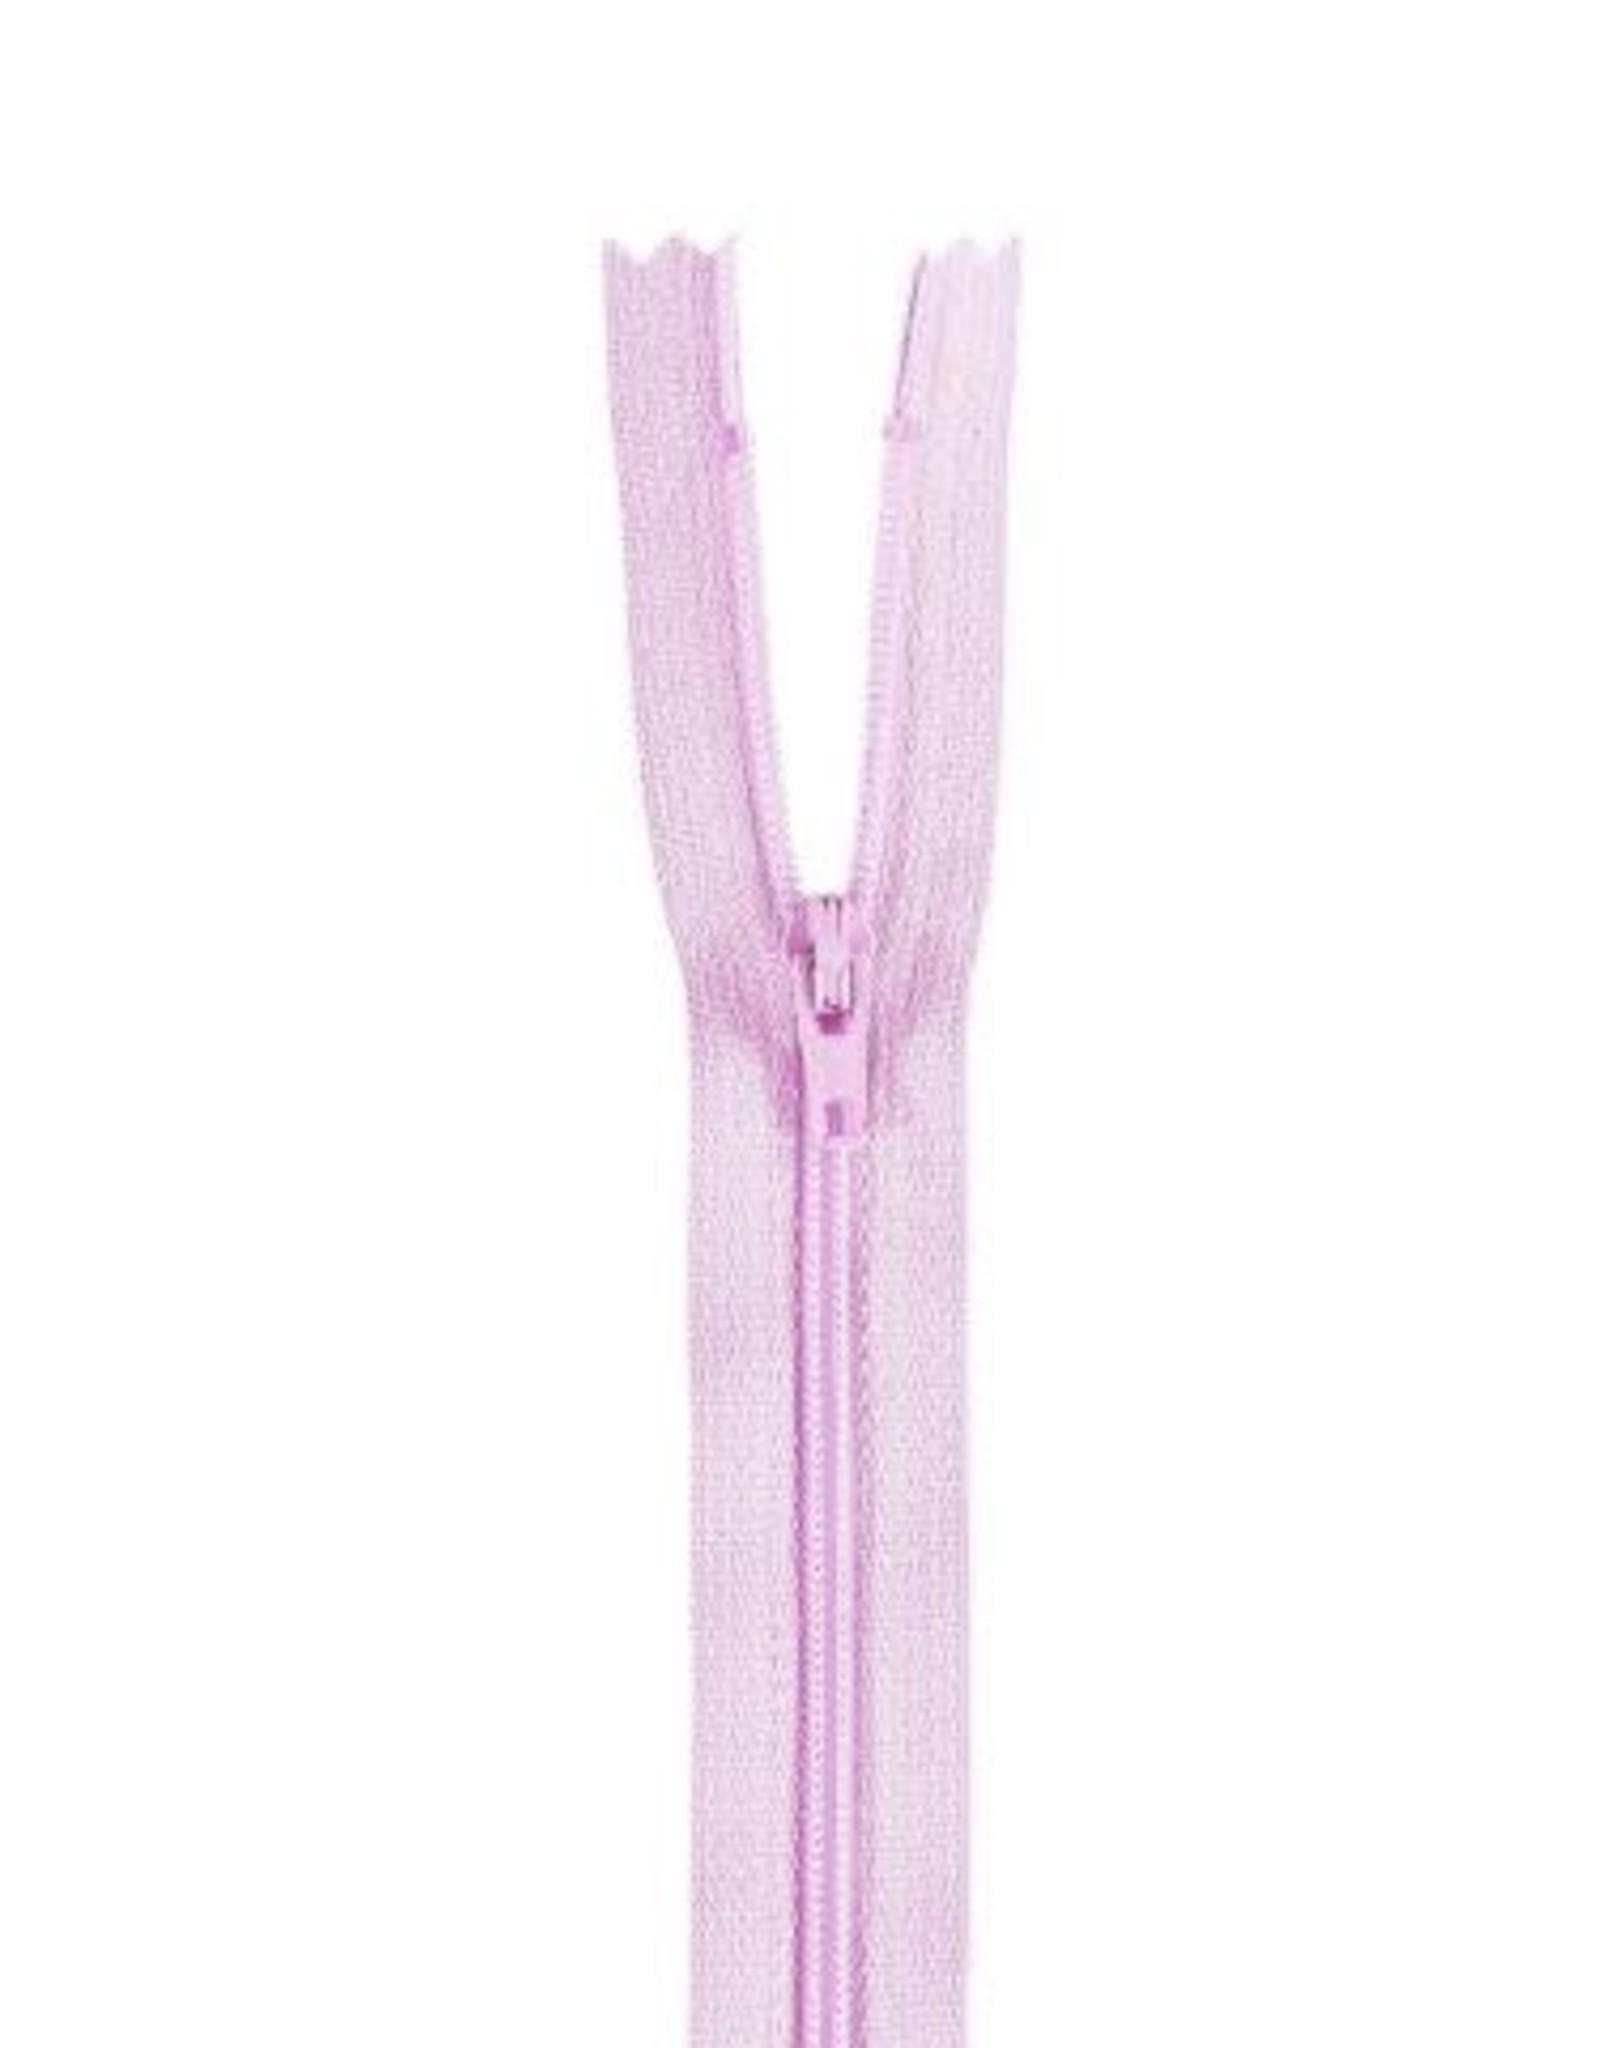 YKK Spiraalrits niet-DB 3mm licht roze paars 068-22cm